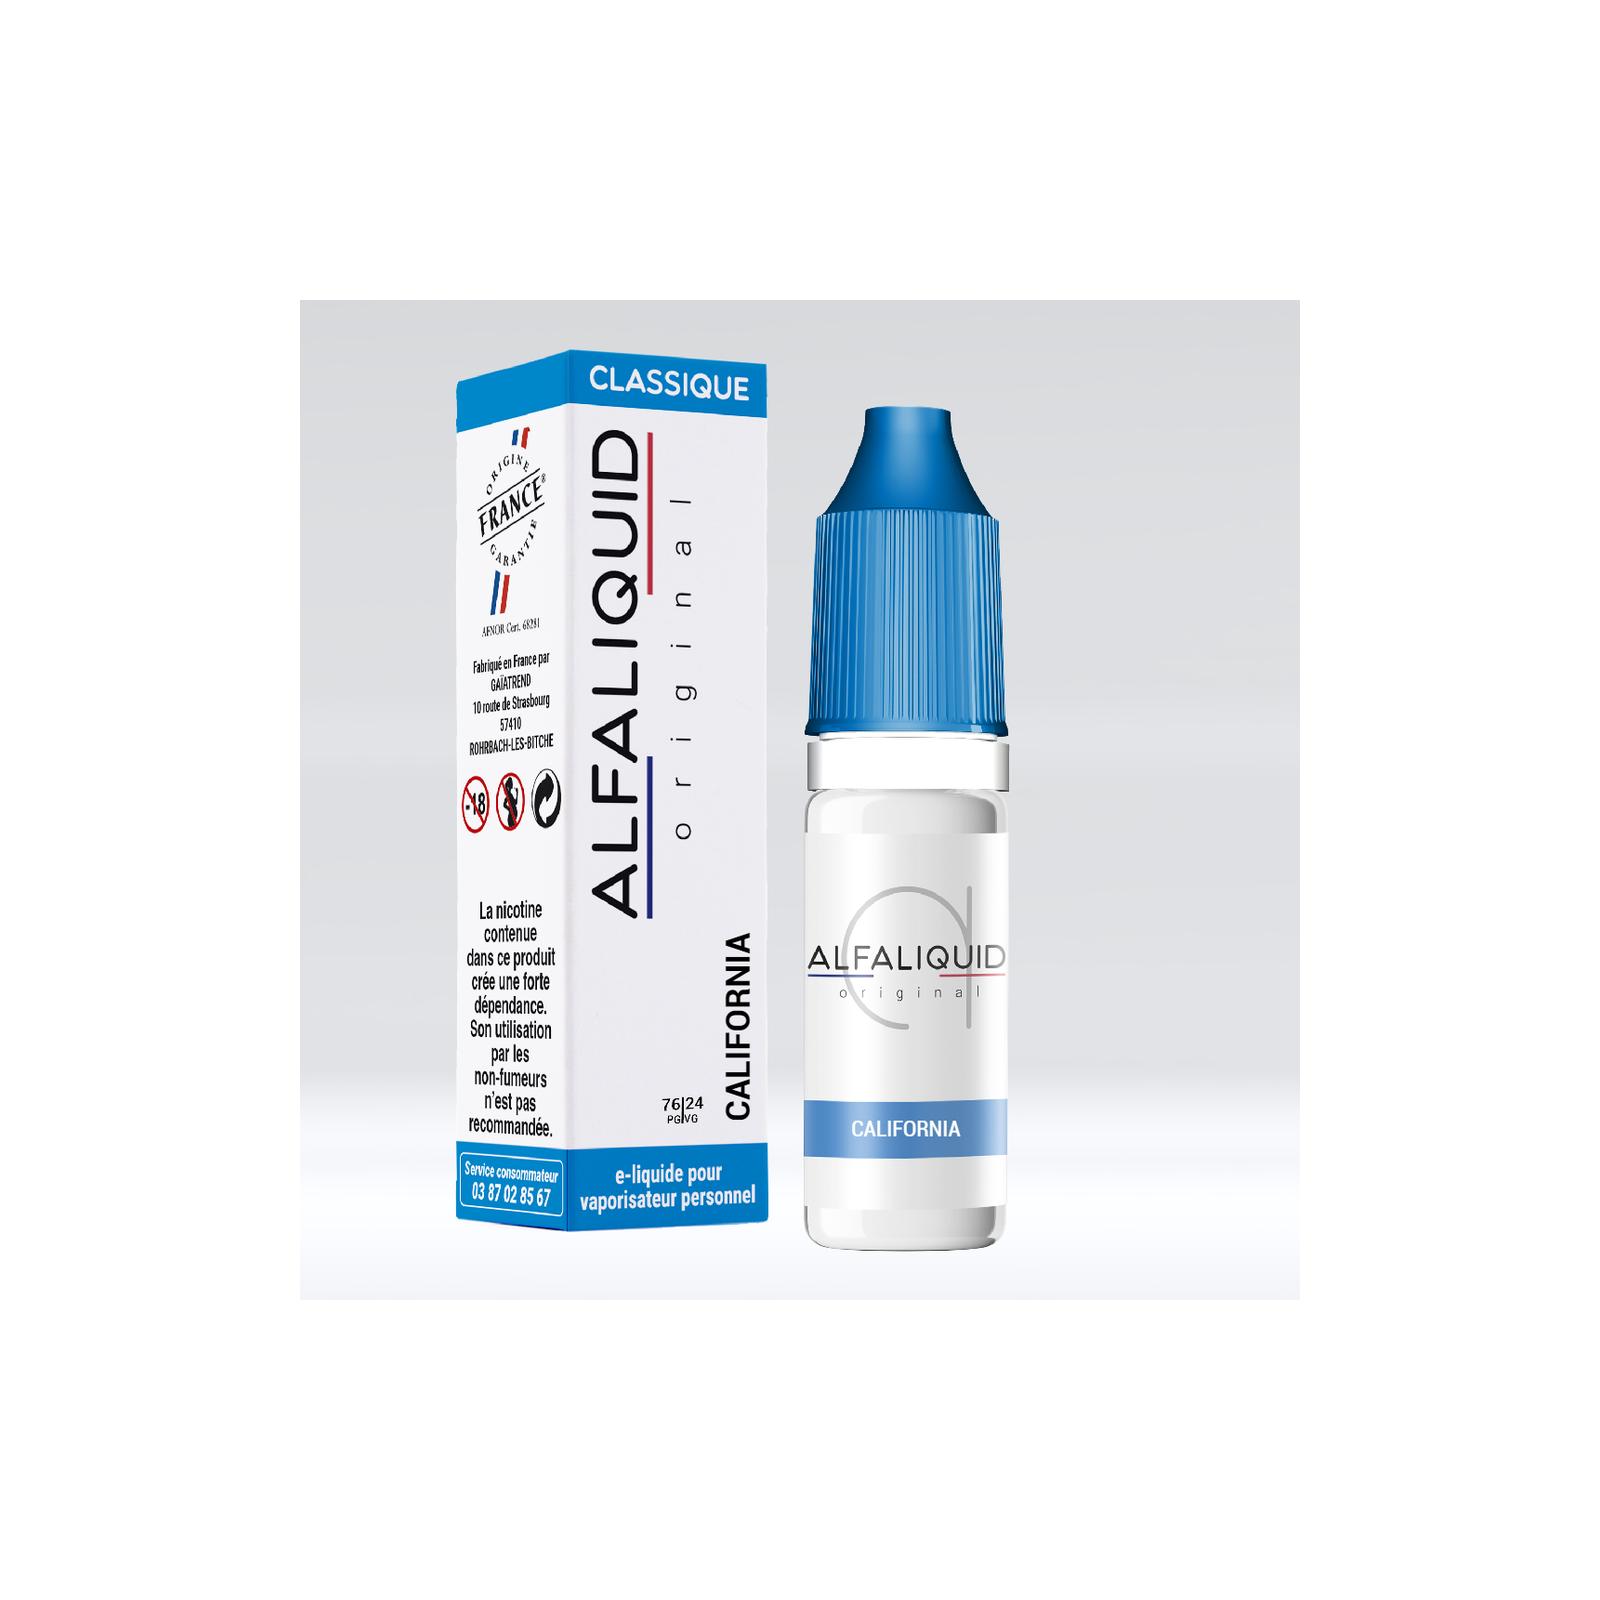 California - Alfaliquid